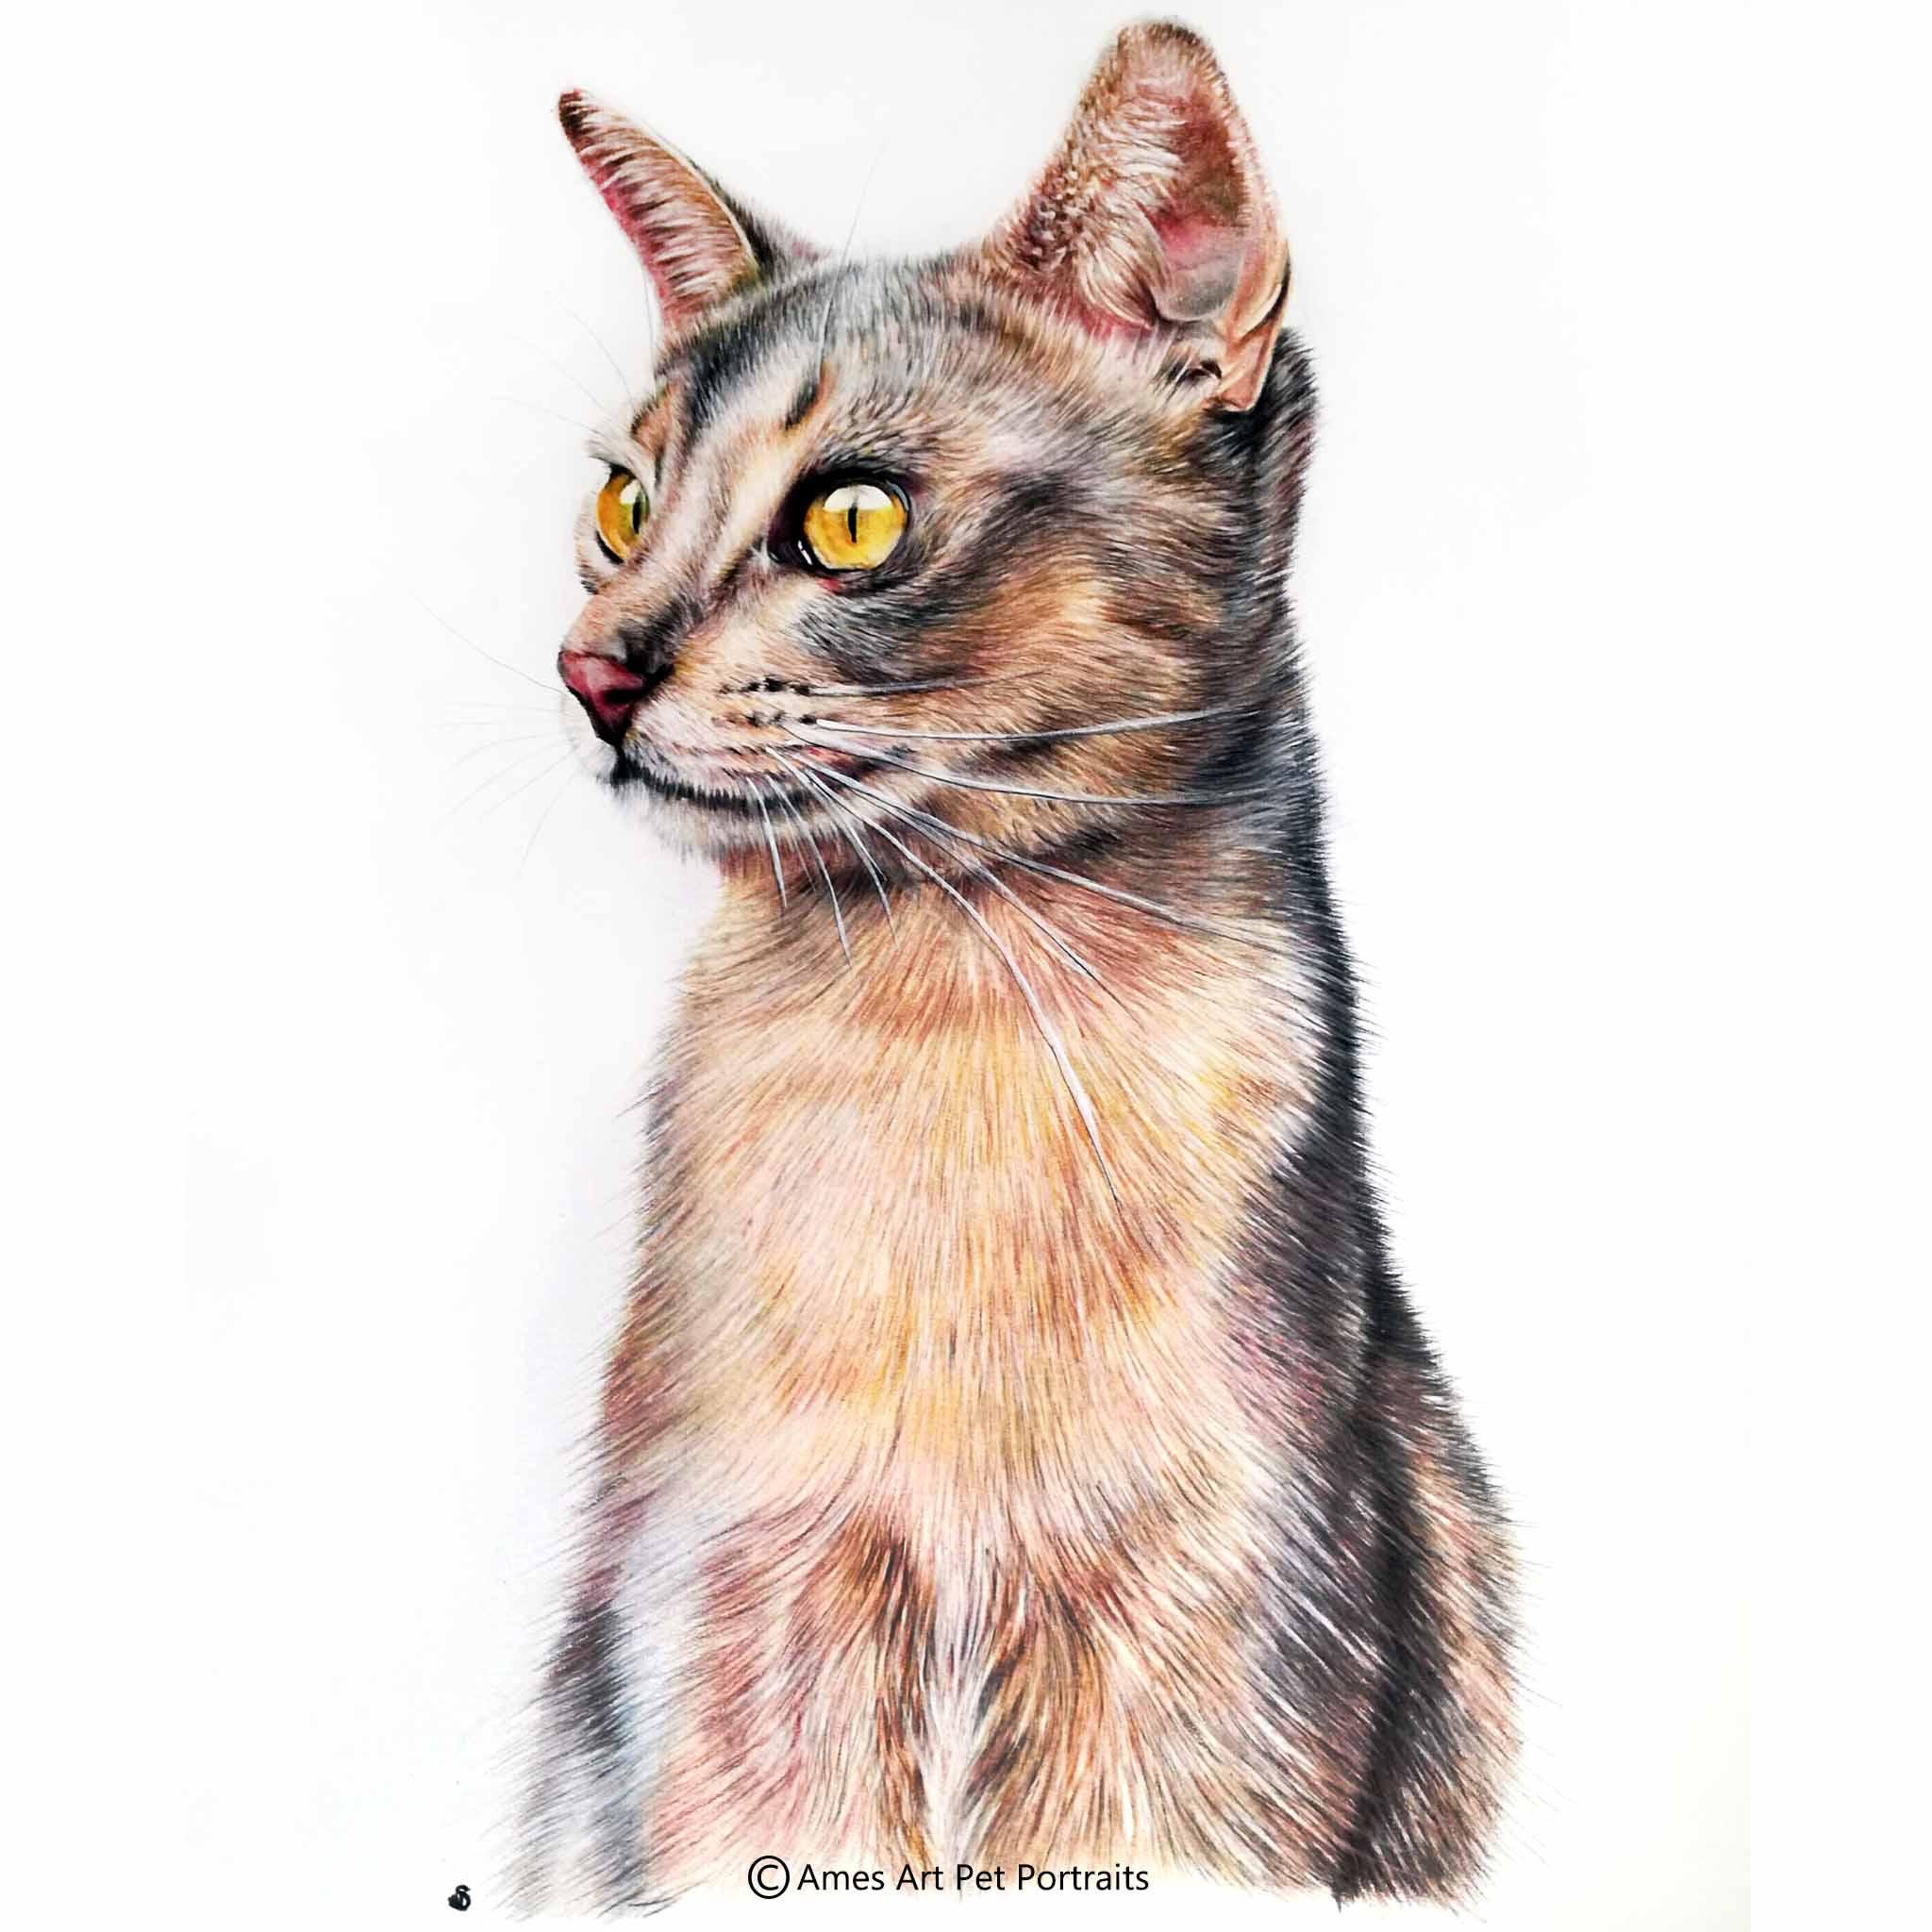 'Storm' - AUS, 11.7 x 16.5 inches, 2017, Colour Pencil Cat Portrait